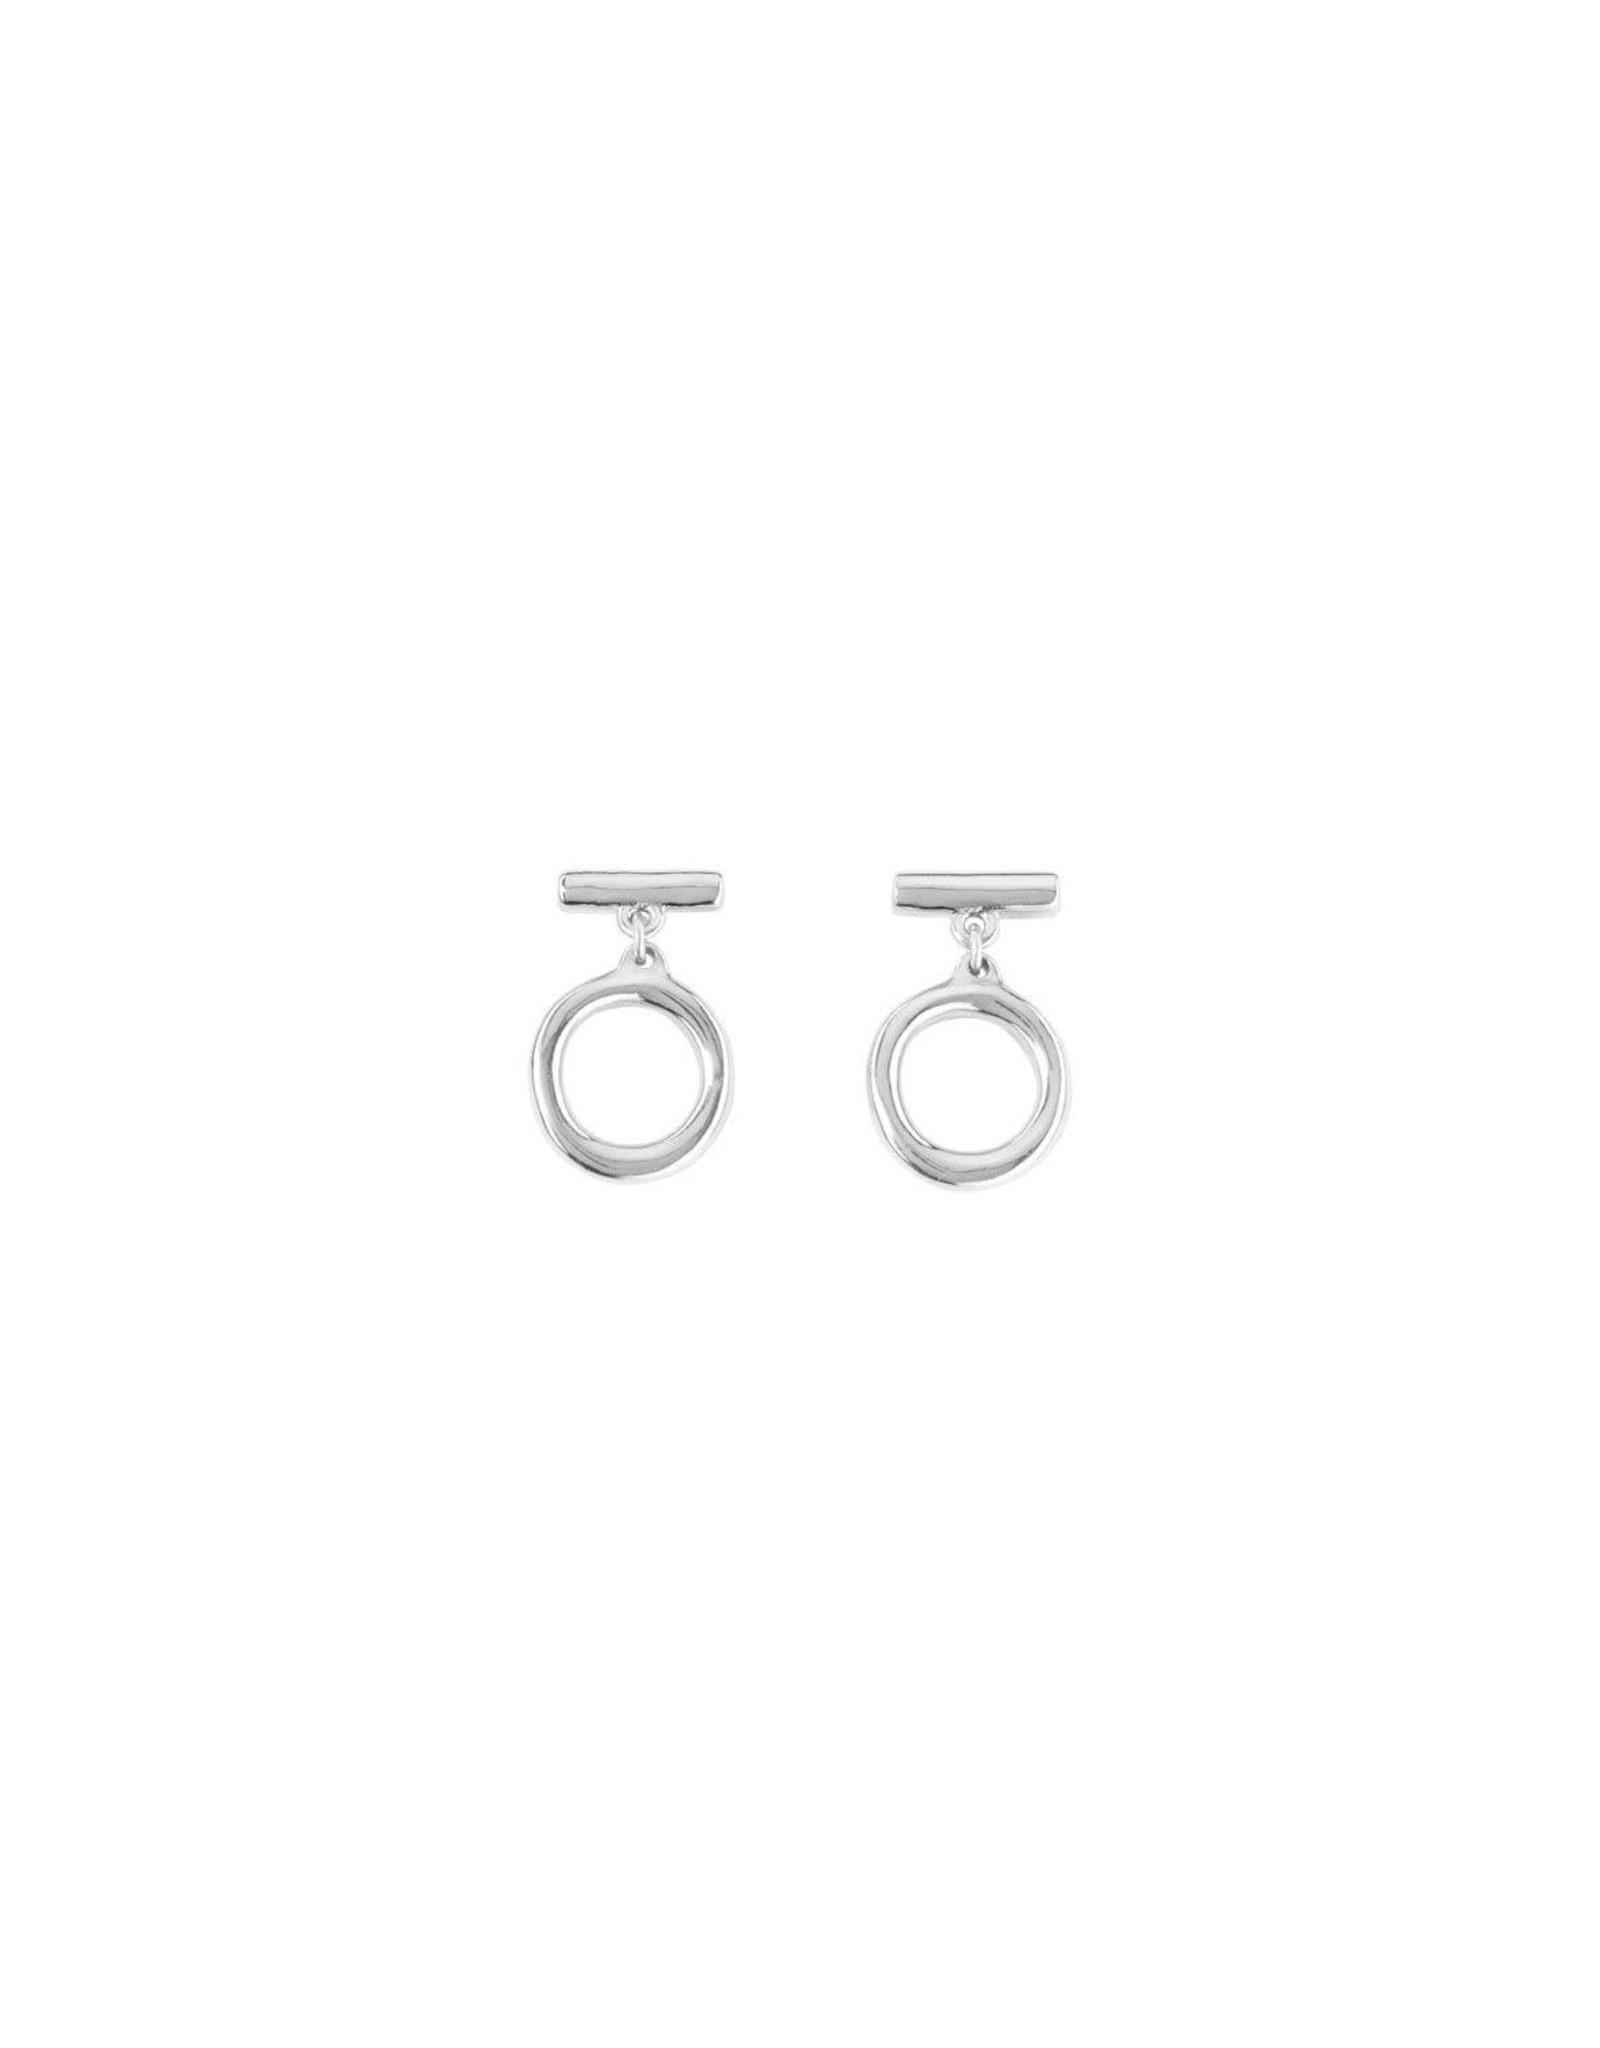 Uno de50 On / Off Ring Earrings